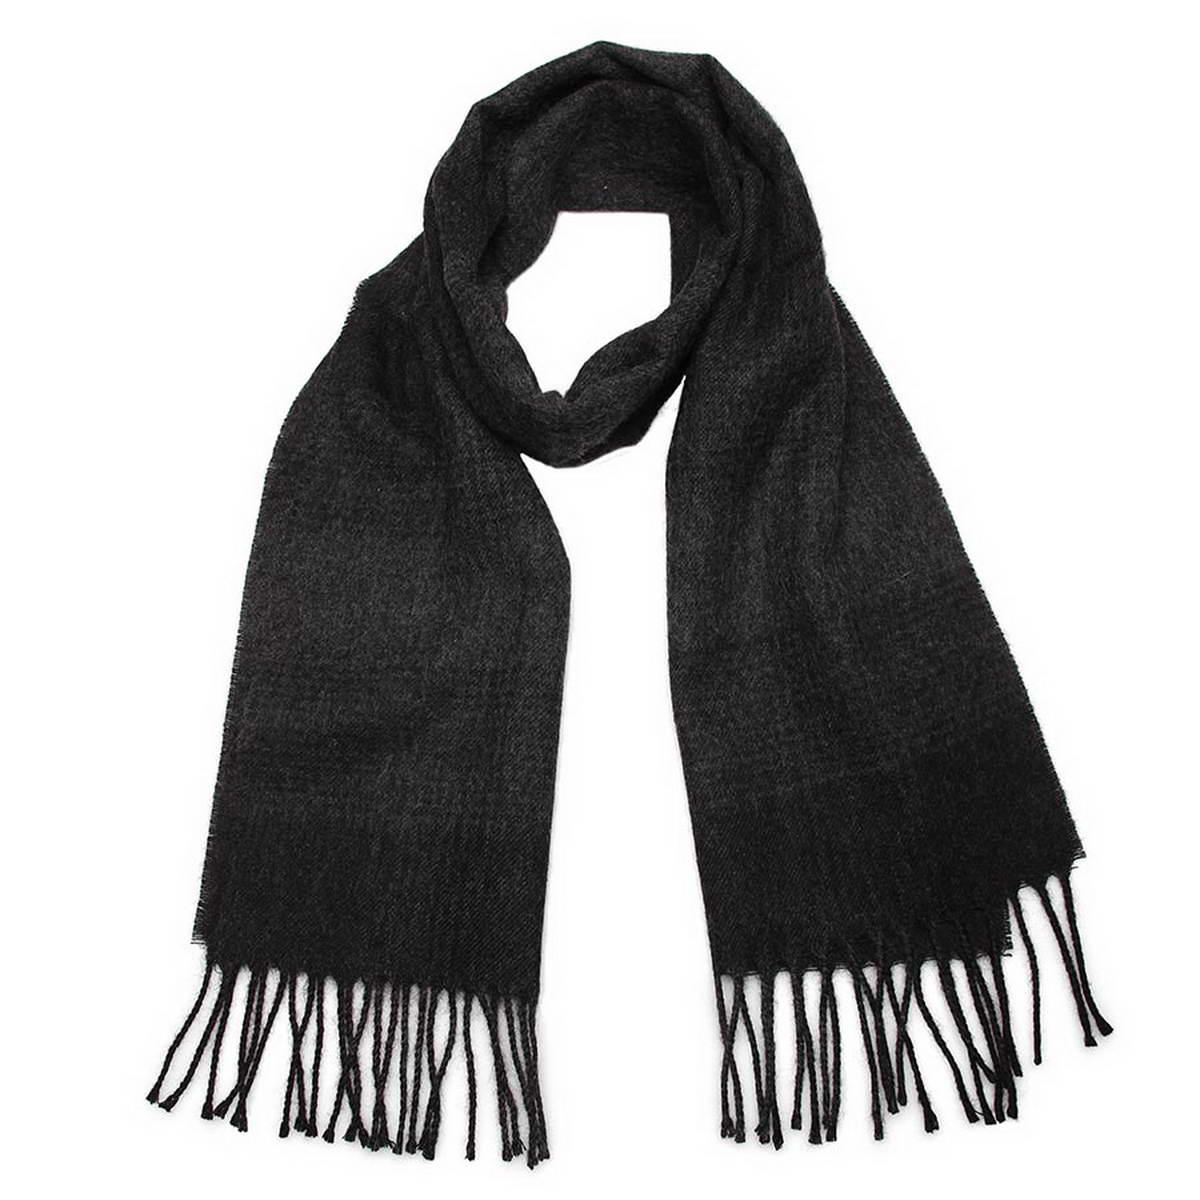 Шарф мужской. 5002532-165002532-16Элегантный мужской шарф Venera согреет вас в холодное время года, а также станет изысканным аксессуаром, который призван подчеркнуть ваш стиль и индивидуальность. Оригинальный теплый шарф выполнен из высококачественной шерстяной пряжи. Шарф оформлен бледным классическим узором в клетку и дополнен жгутиками по краю. Такой шарф станет превосходным дополнением к любому наряду, защитит вас от ветра и холода и позволит вам создать свой неповторимый стиль.